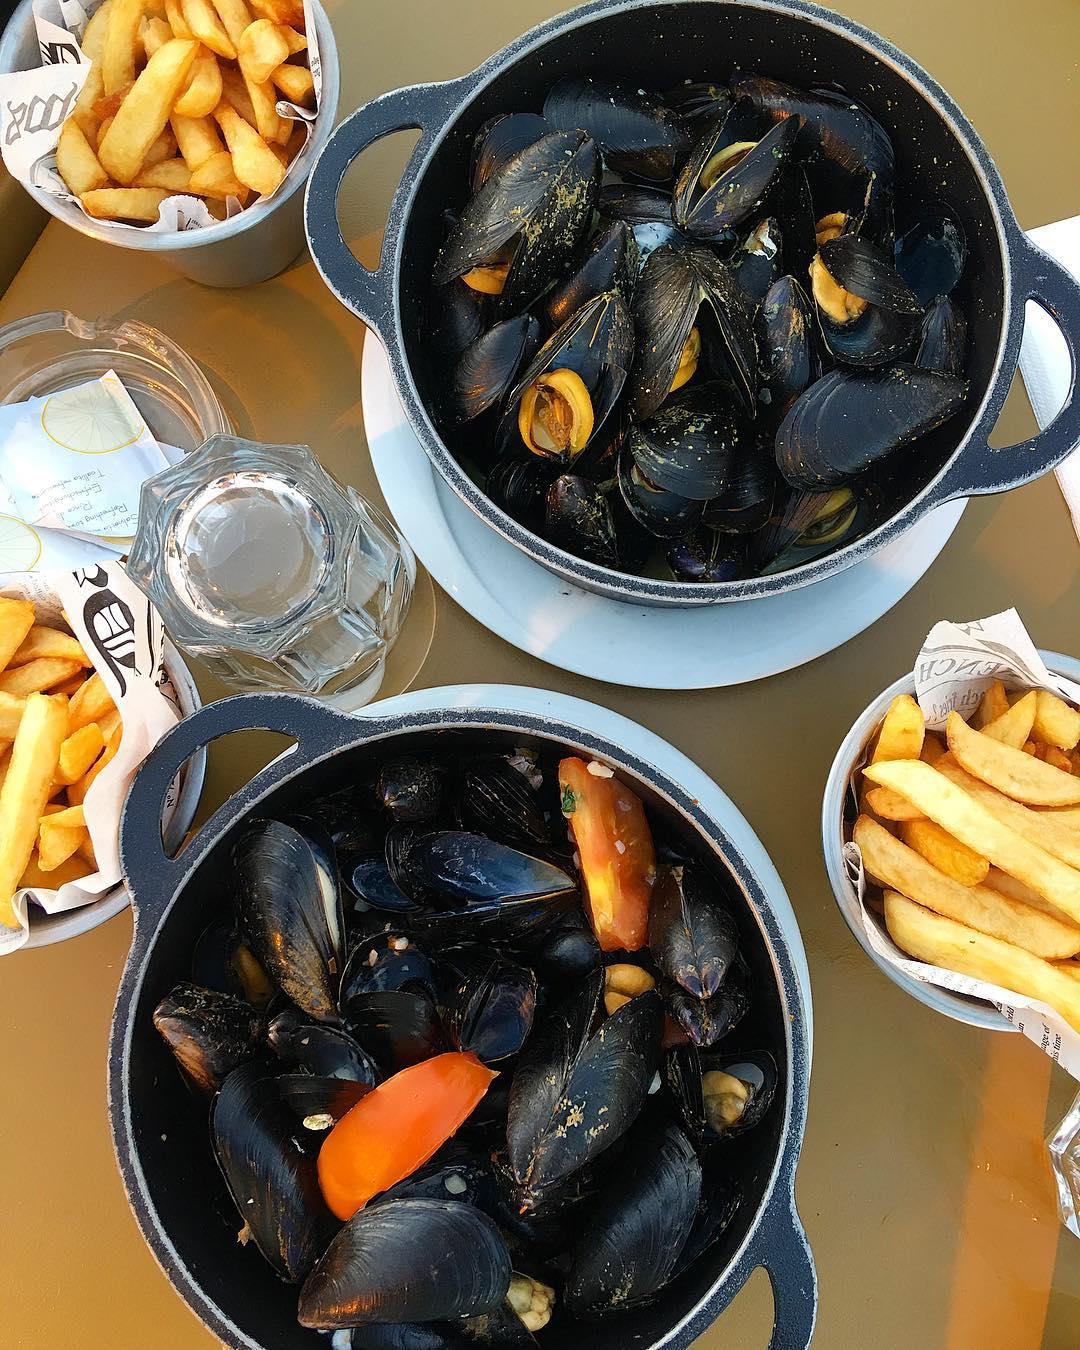 Soirée MOULES FRITES entre moules ???chez @leon_de_bruxelles_officiel . ➕ LÉON DE BRUXELLES • restaurant . ?Montpellier (34)?? __________________ #moules #leondebruxelles #frites #food #foodporn #foodblogger #bloggerfood #blogfood #montpellier #pintademontpellier #mouleparty #moulesfrites #fritesfraiches #takeaway #restaurant #montpellier #fooding #frenchfood #foodlover #cooking #blog #blogueuse #foodblog